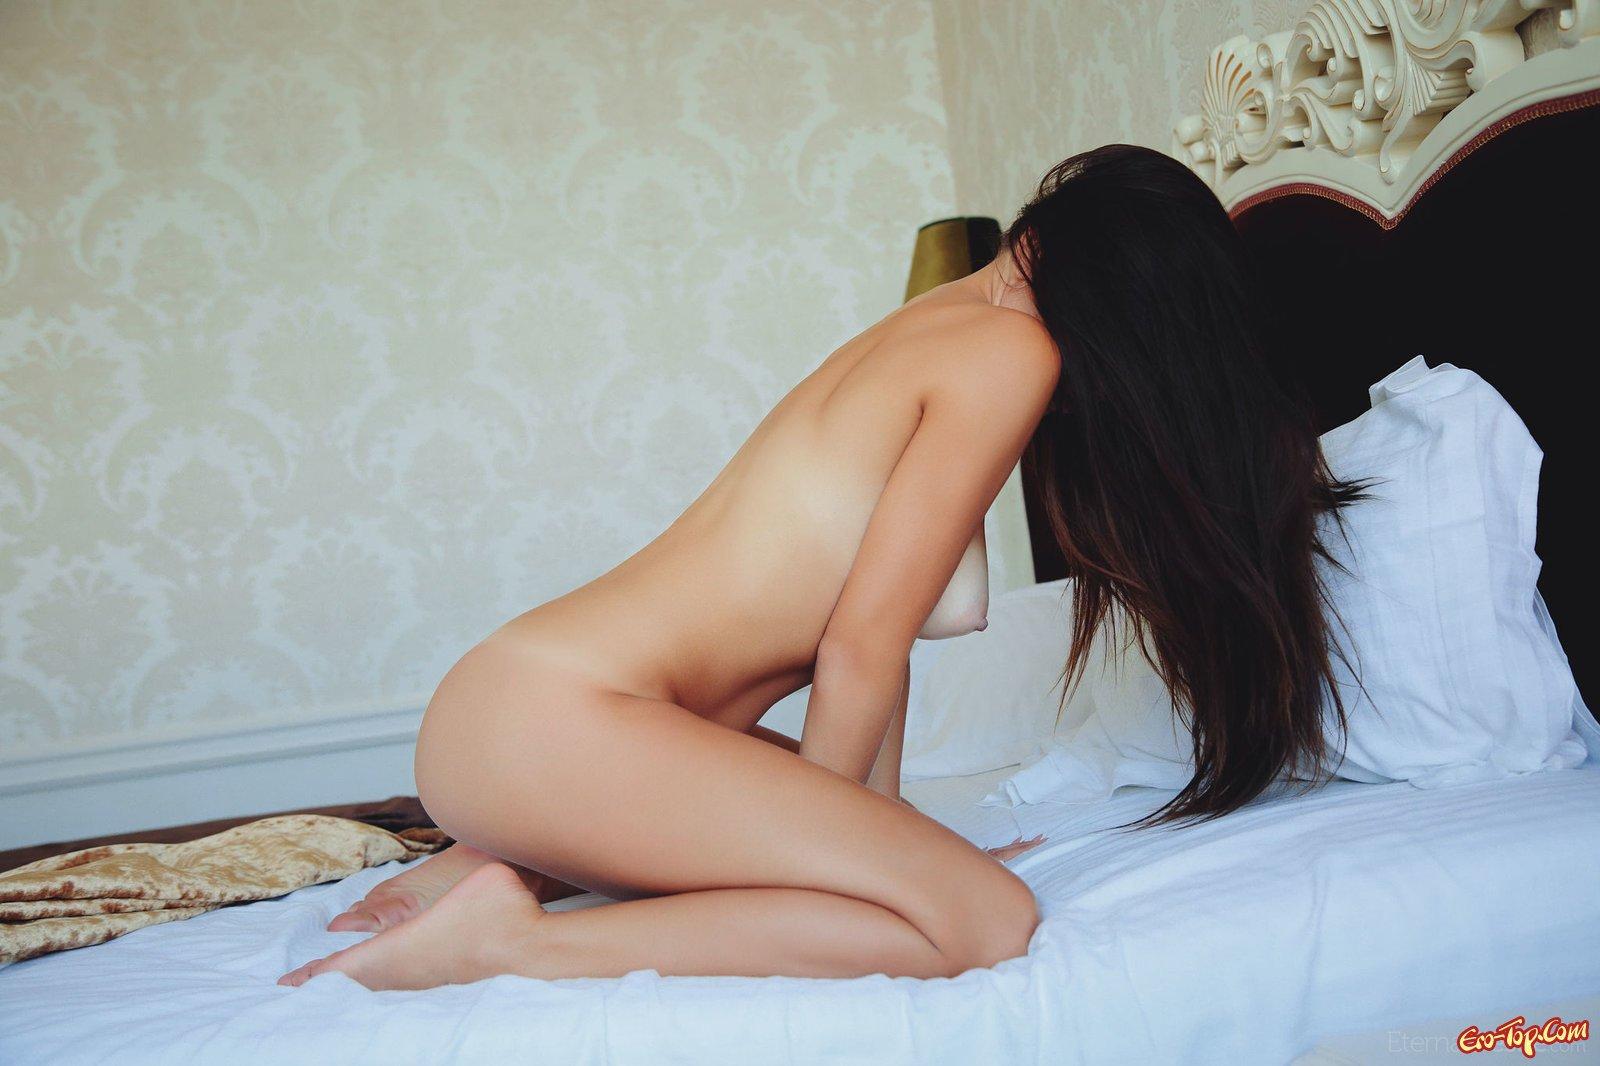 Обнаженная девушка с гладкой кожей лежит на кровати